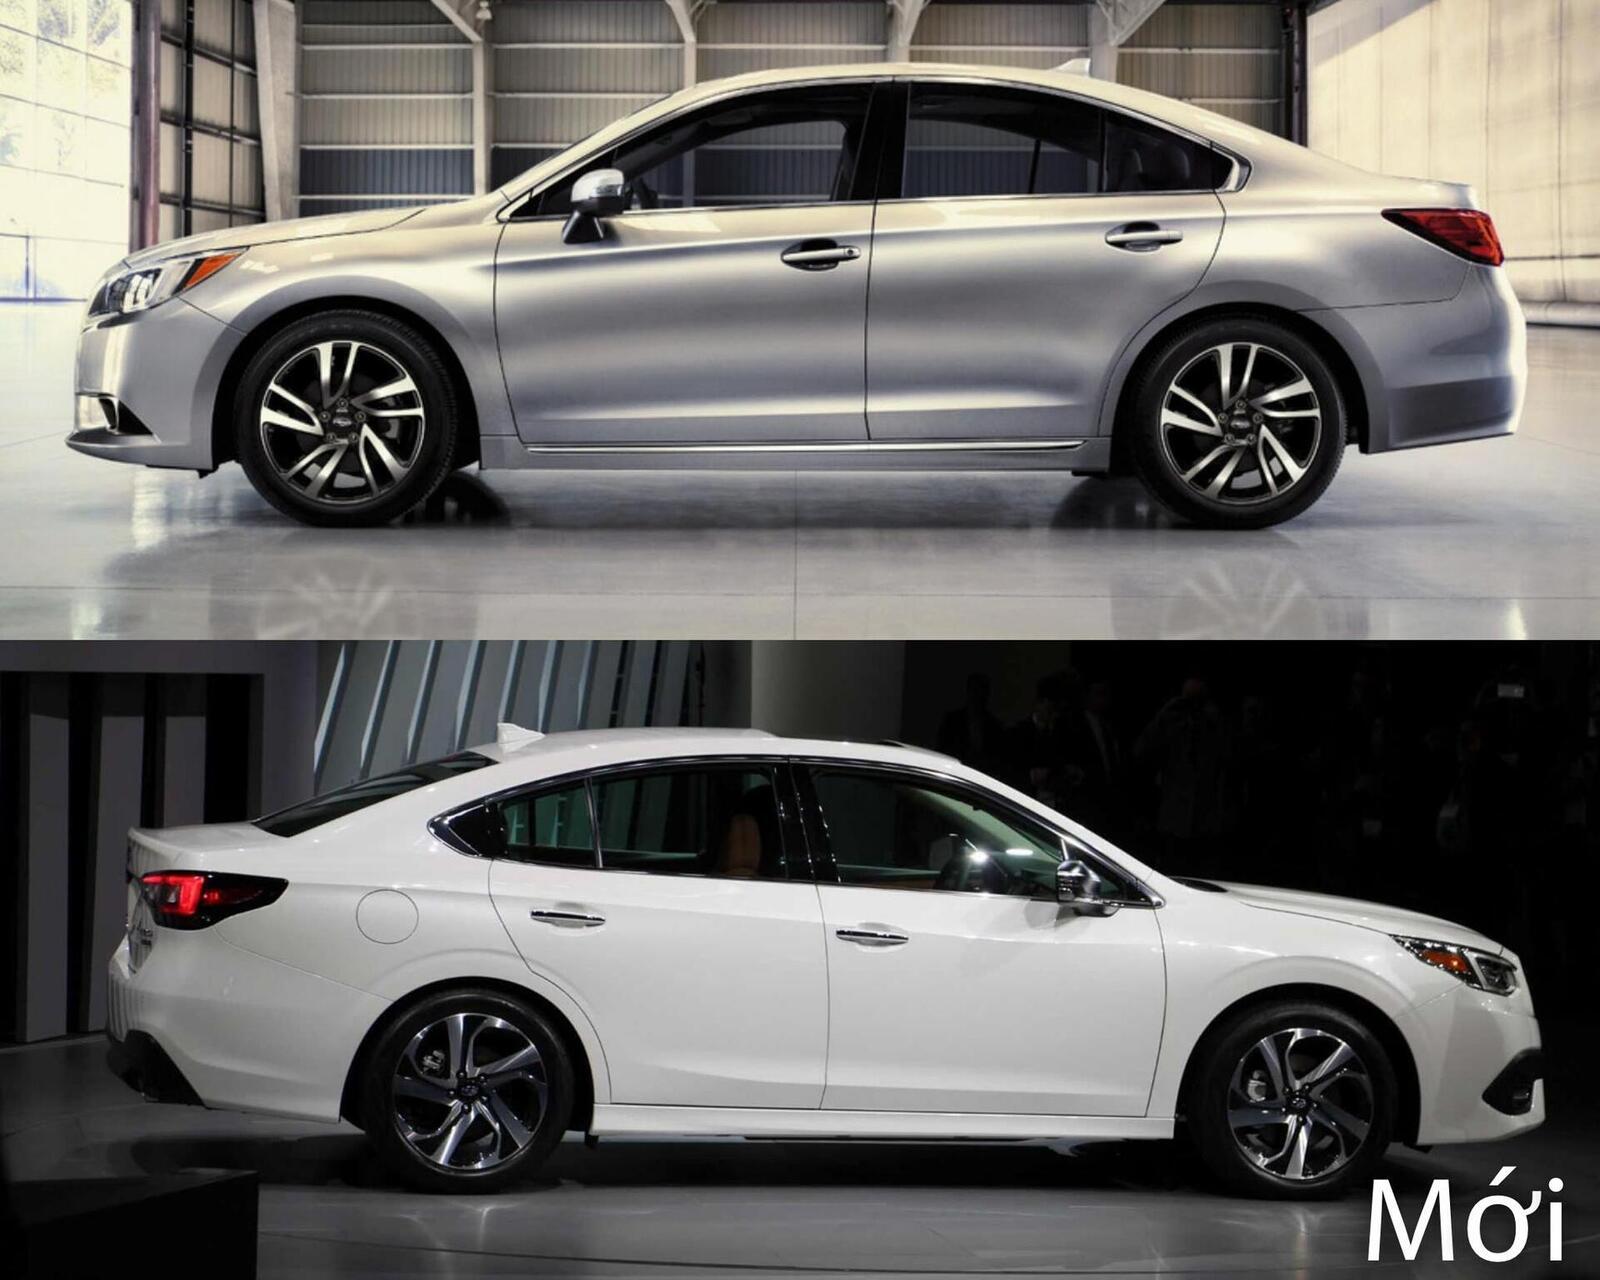 Sự khác biệt giữa Subaru Legacy thế hệ cũ và mới - Hình 5